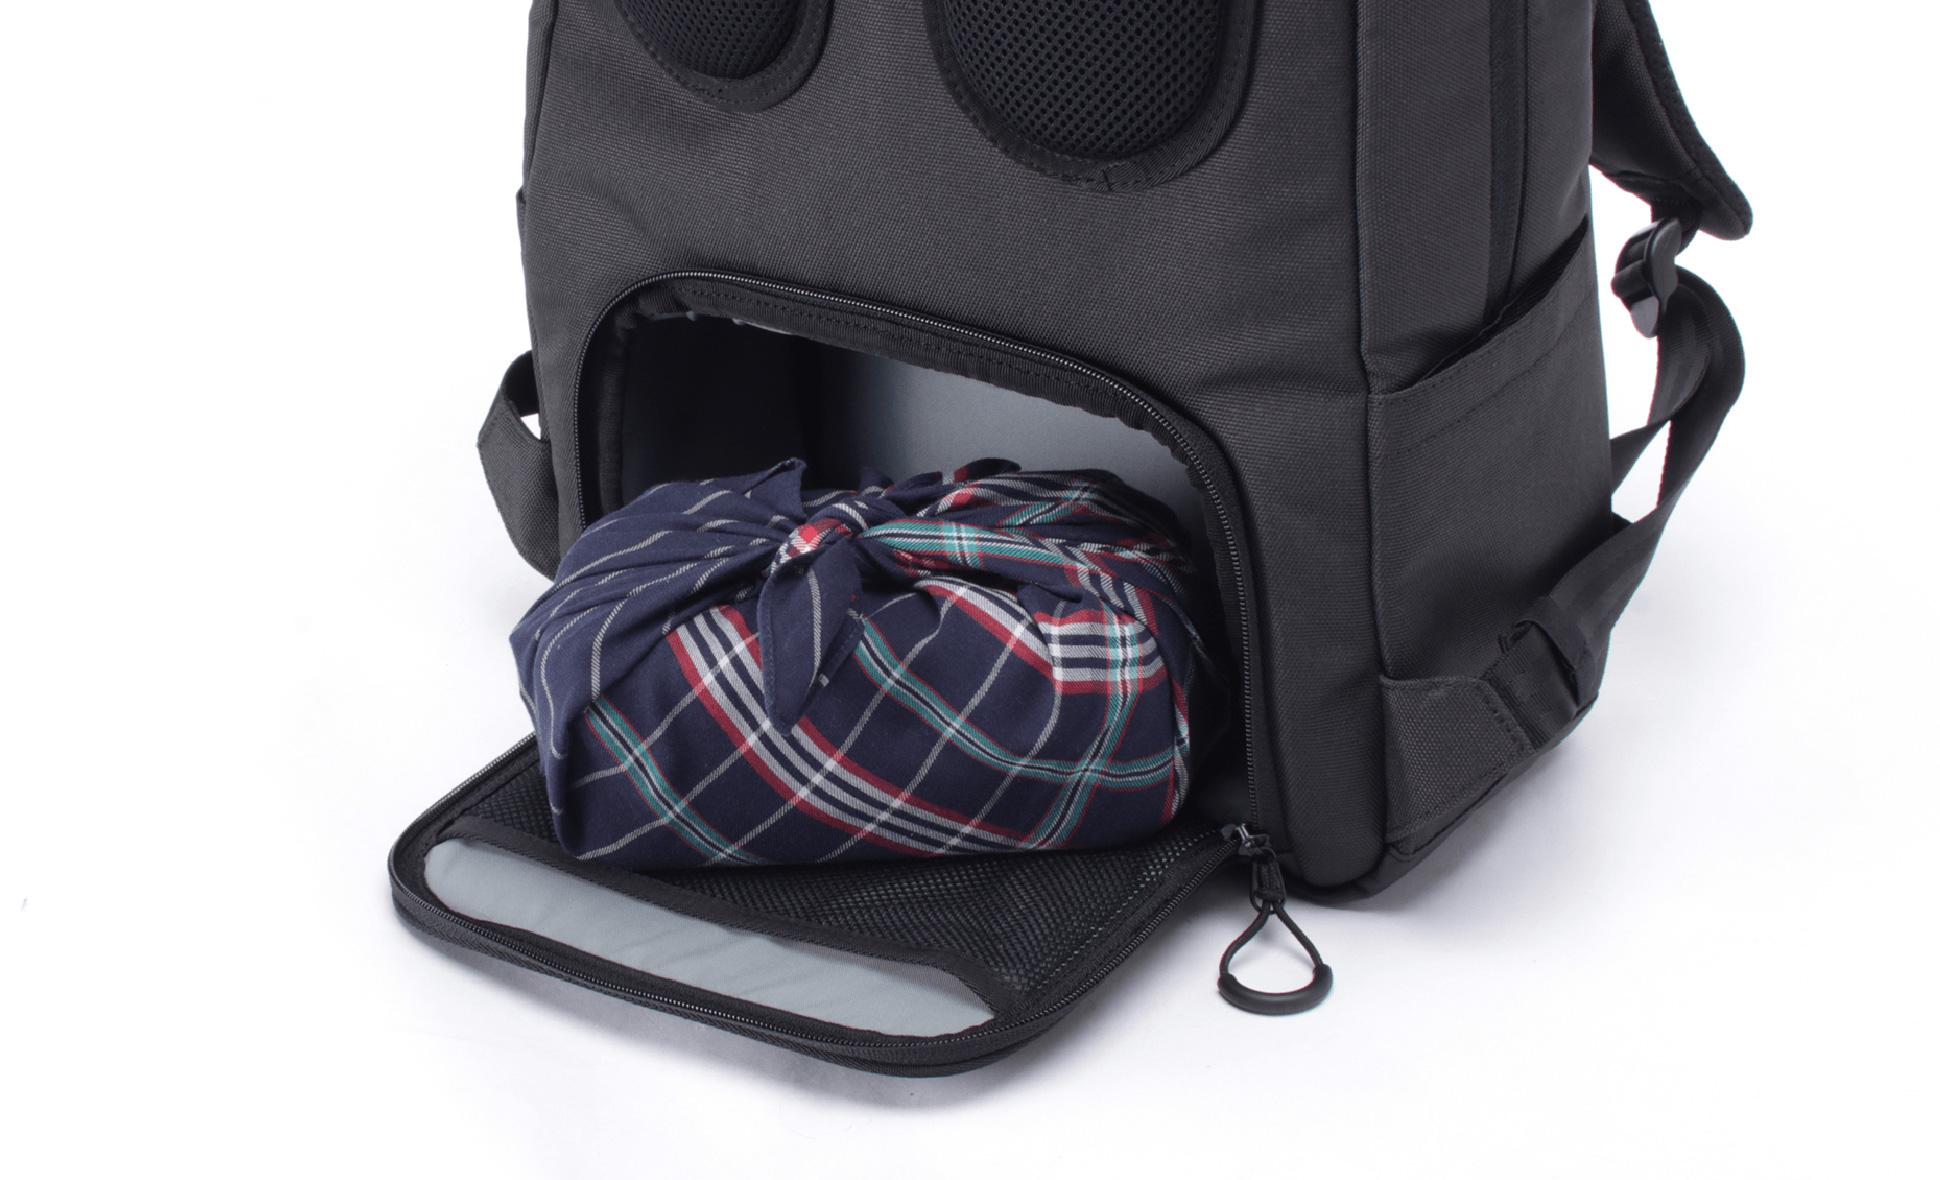 背面のクッション入りボックス型の収納スペースにはランチボックスや貴重品などの収納が可能